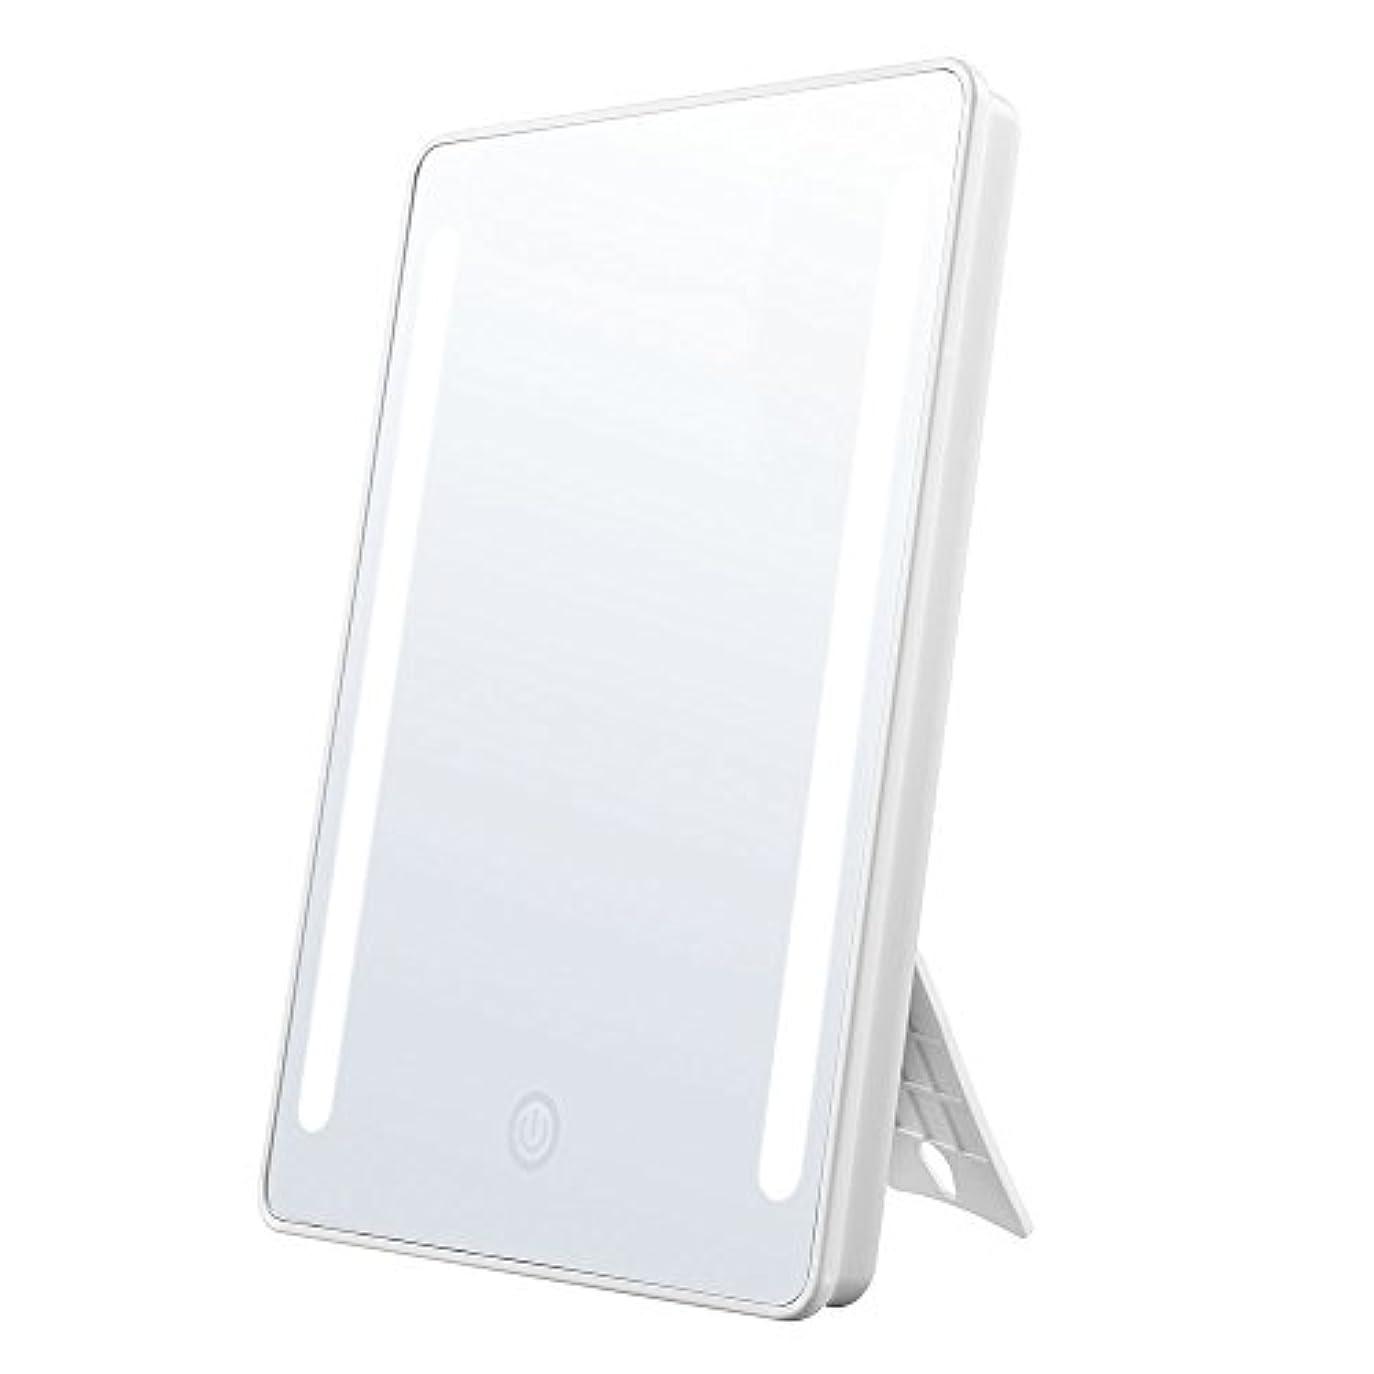 Jerrybox 鏡 化粧鏡 卓上鏡 大型 led 鏡 フルフレームLEDライト スタンドミラー 拡大鏡付き